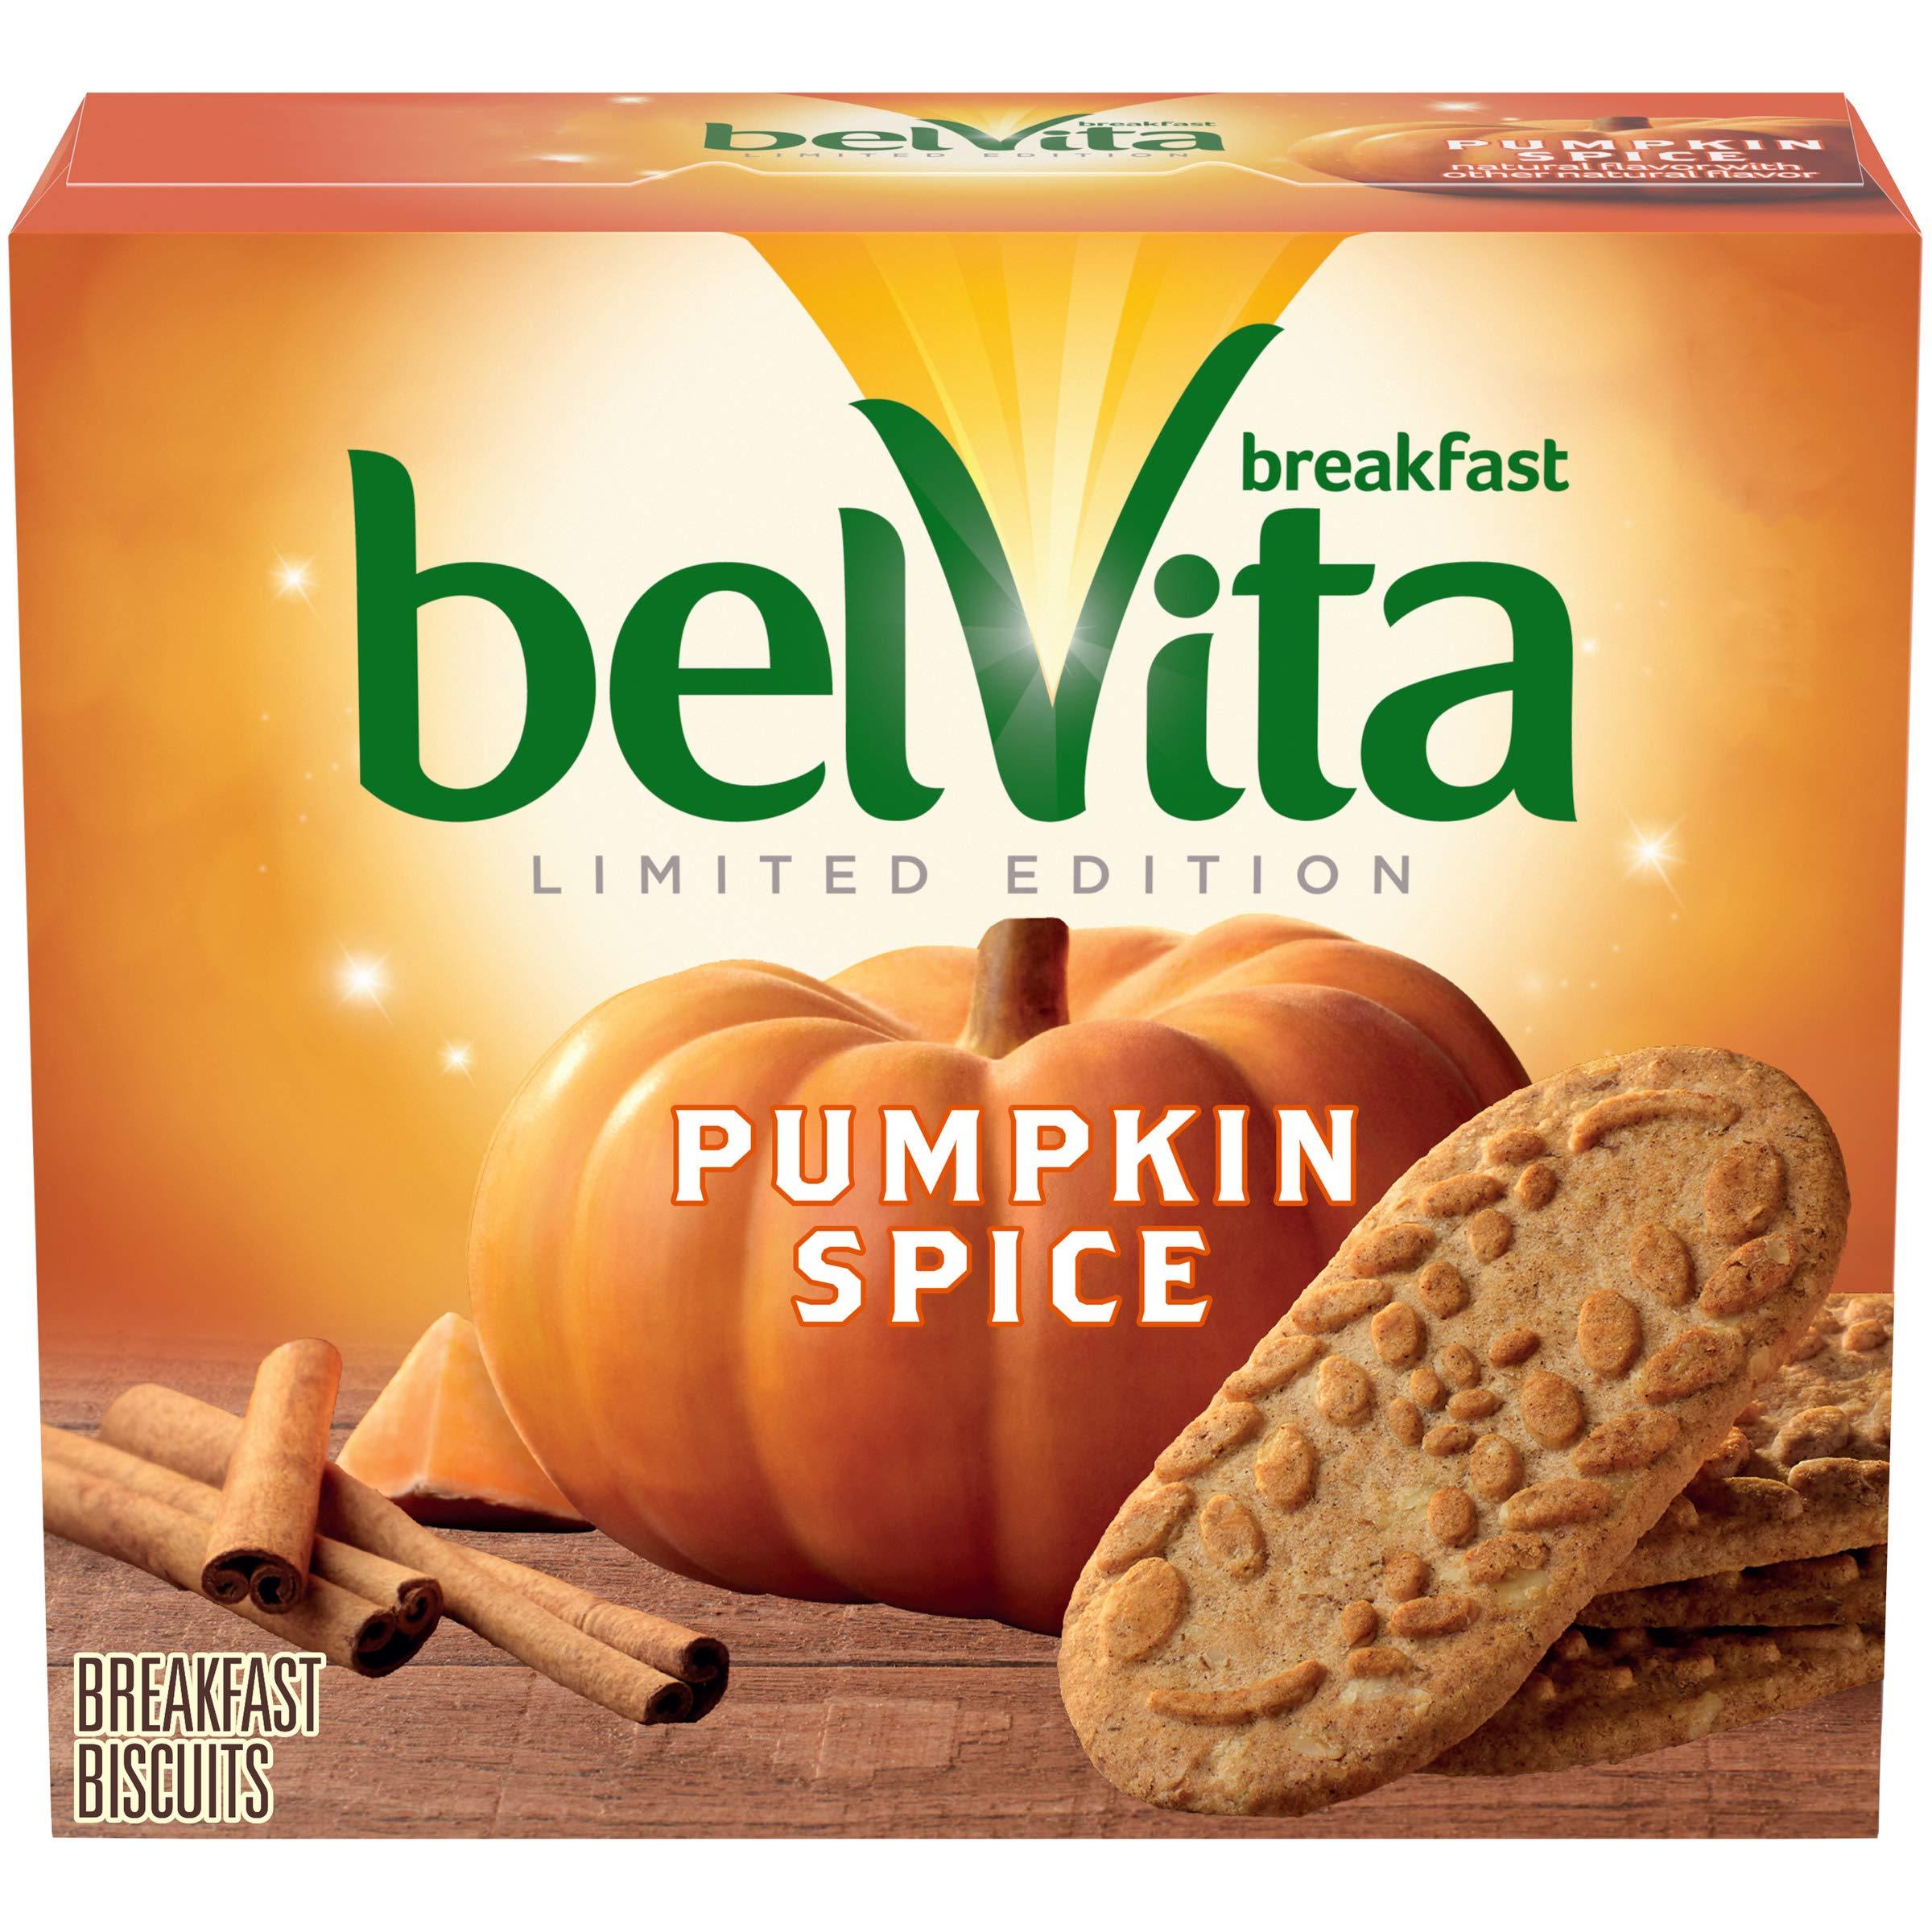 belVita Pumpkin Spice Breakfast Biscuits, 1 Box of 5 Packs (4 Biscuits Per Pack)